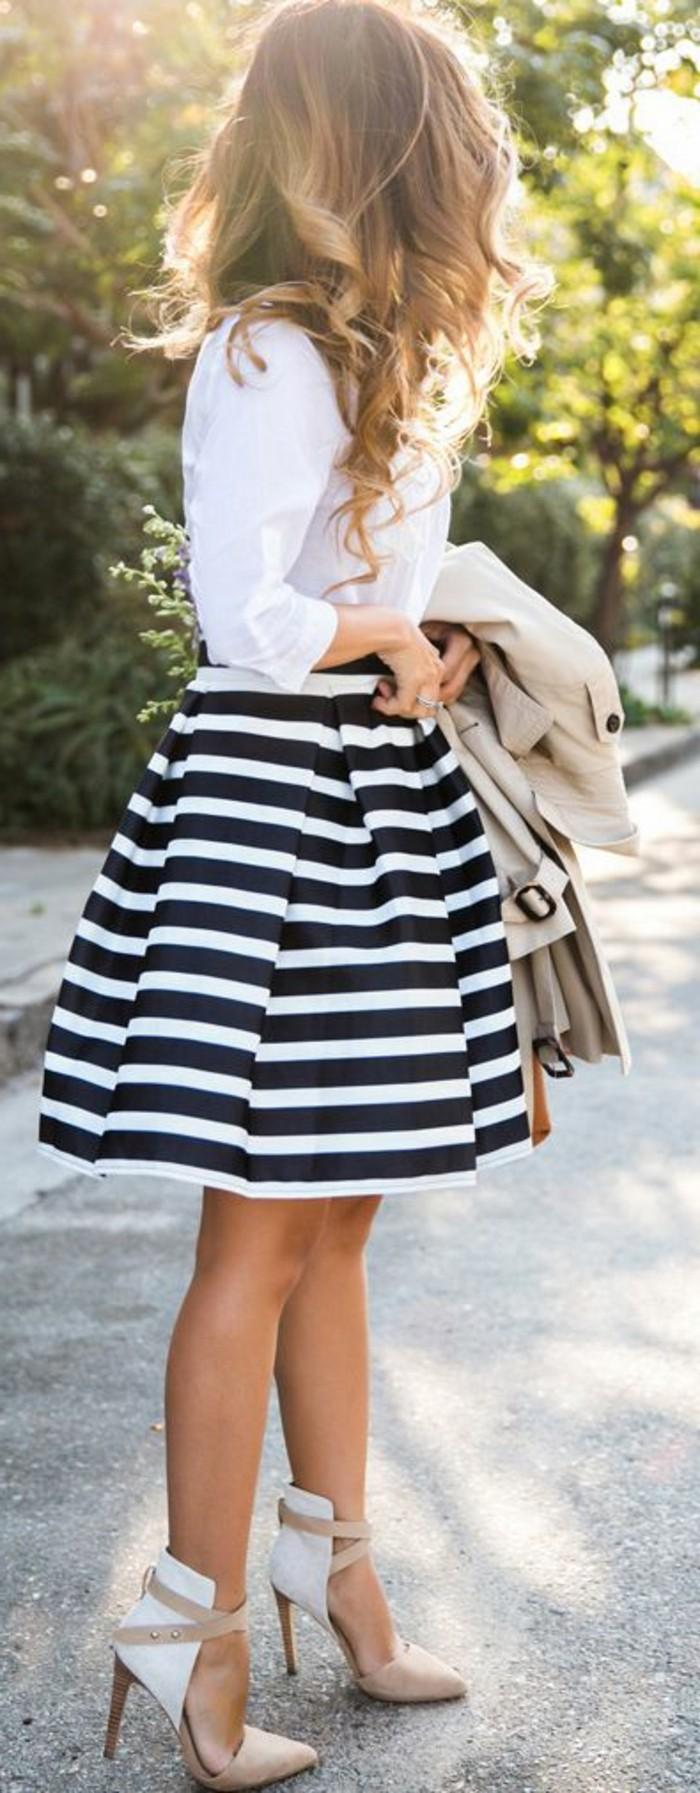 weißes-kleid-kombiniert-mit-schwarzen-streifen